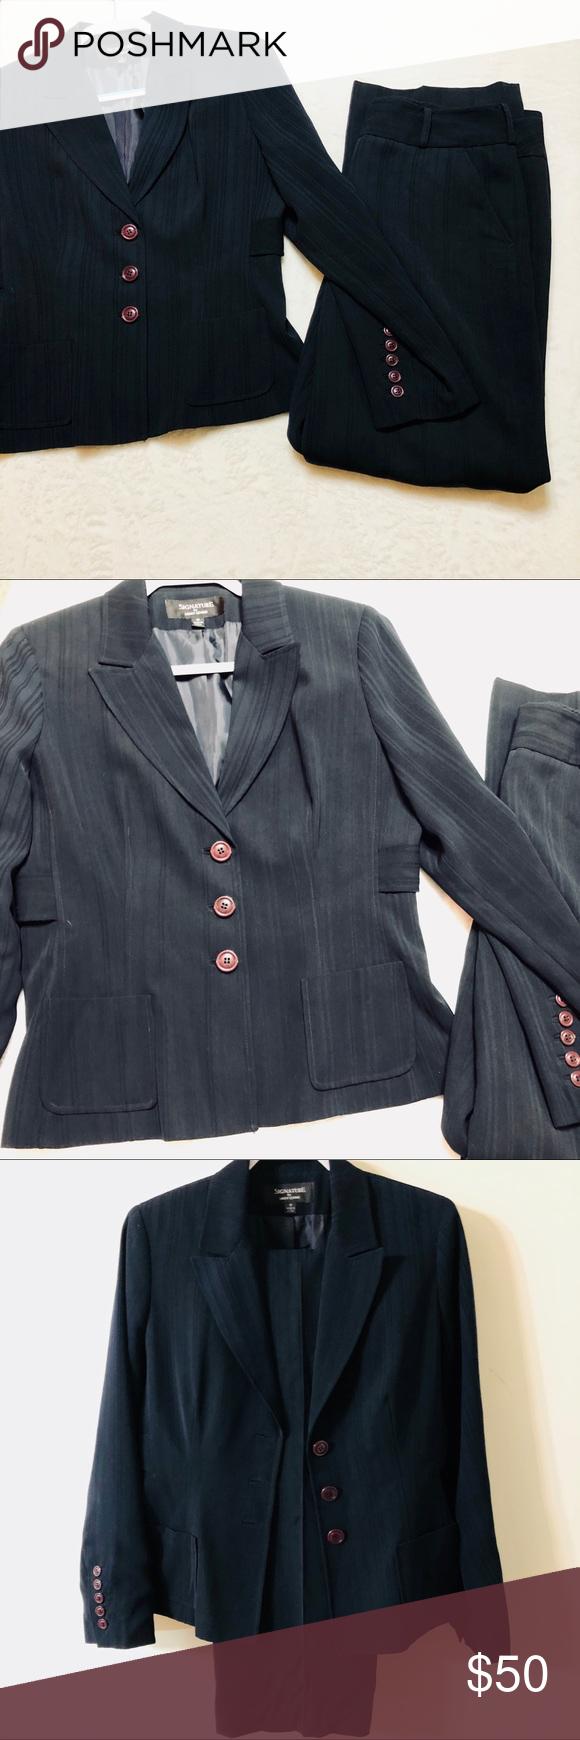 Signature by Larry Levine Pinstripe 2 Piece Suit Two piece suit set, blazer and ...#blazer #larry #levine #piece #pinstripe #set #signature #suit